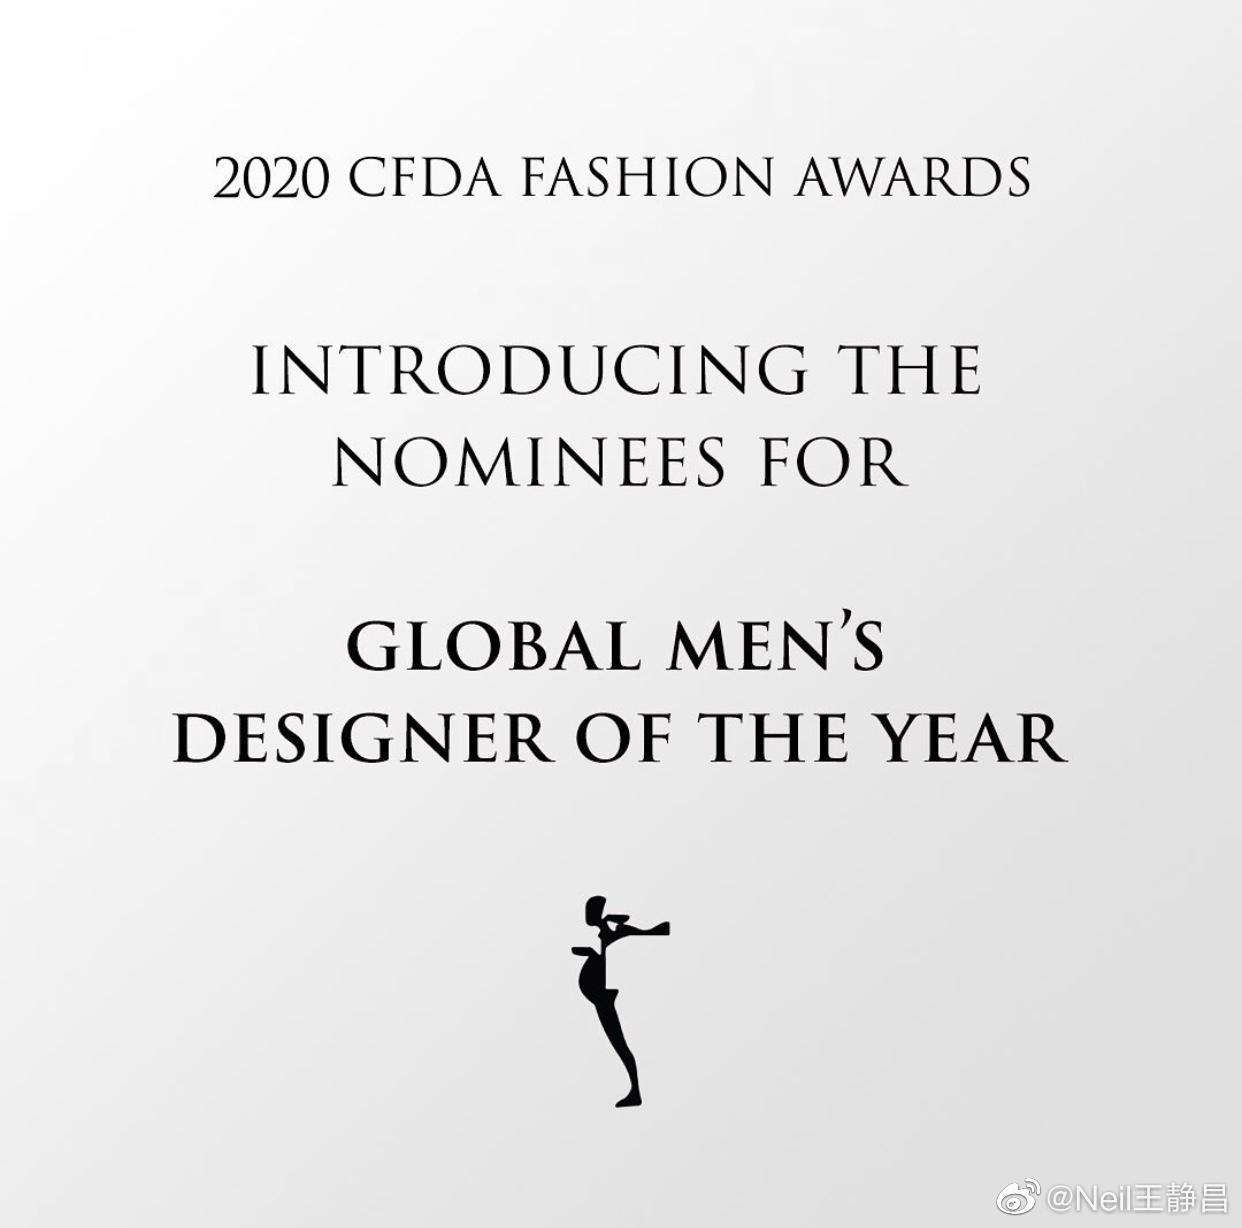 2020年CFDA美国时装设计师协会公布了年度全球最佳男装设计师提名名单